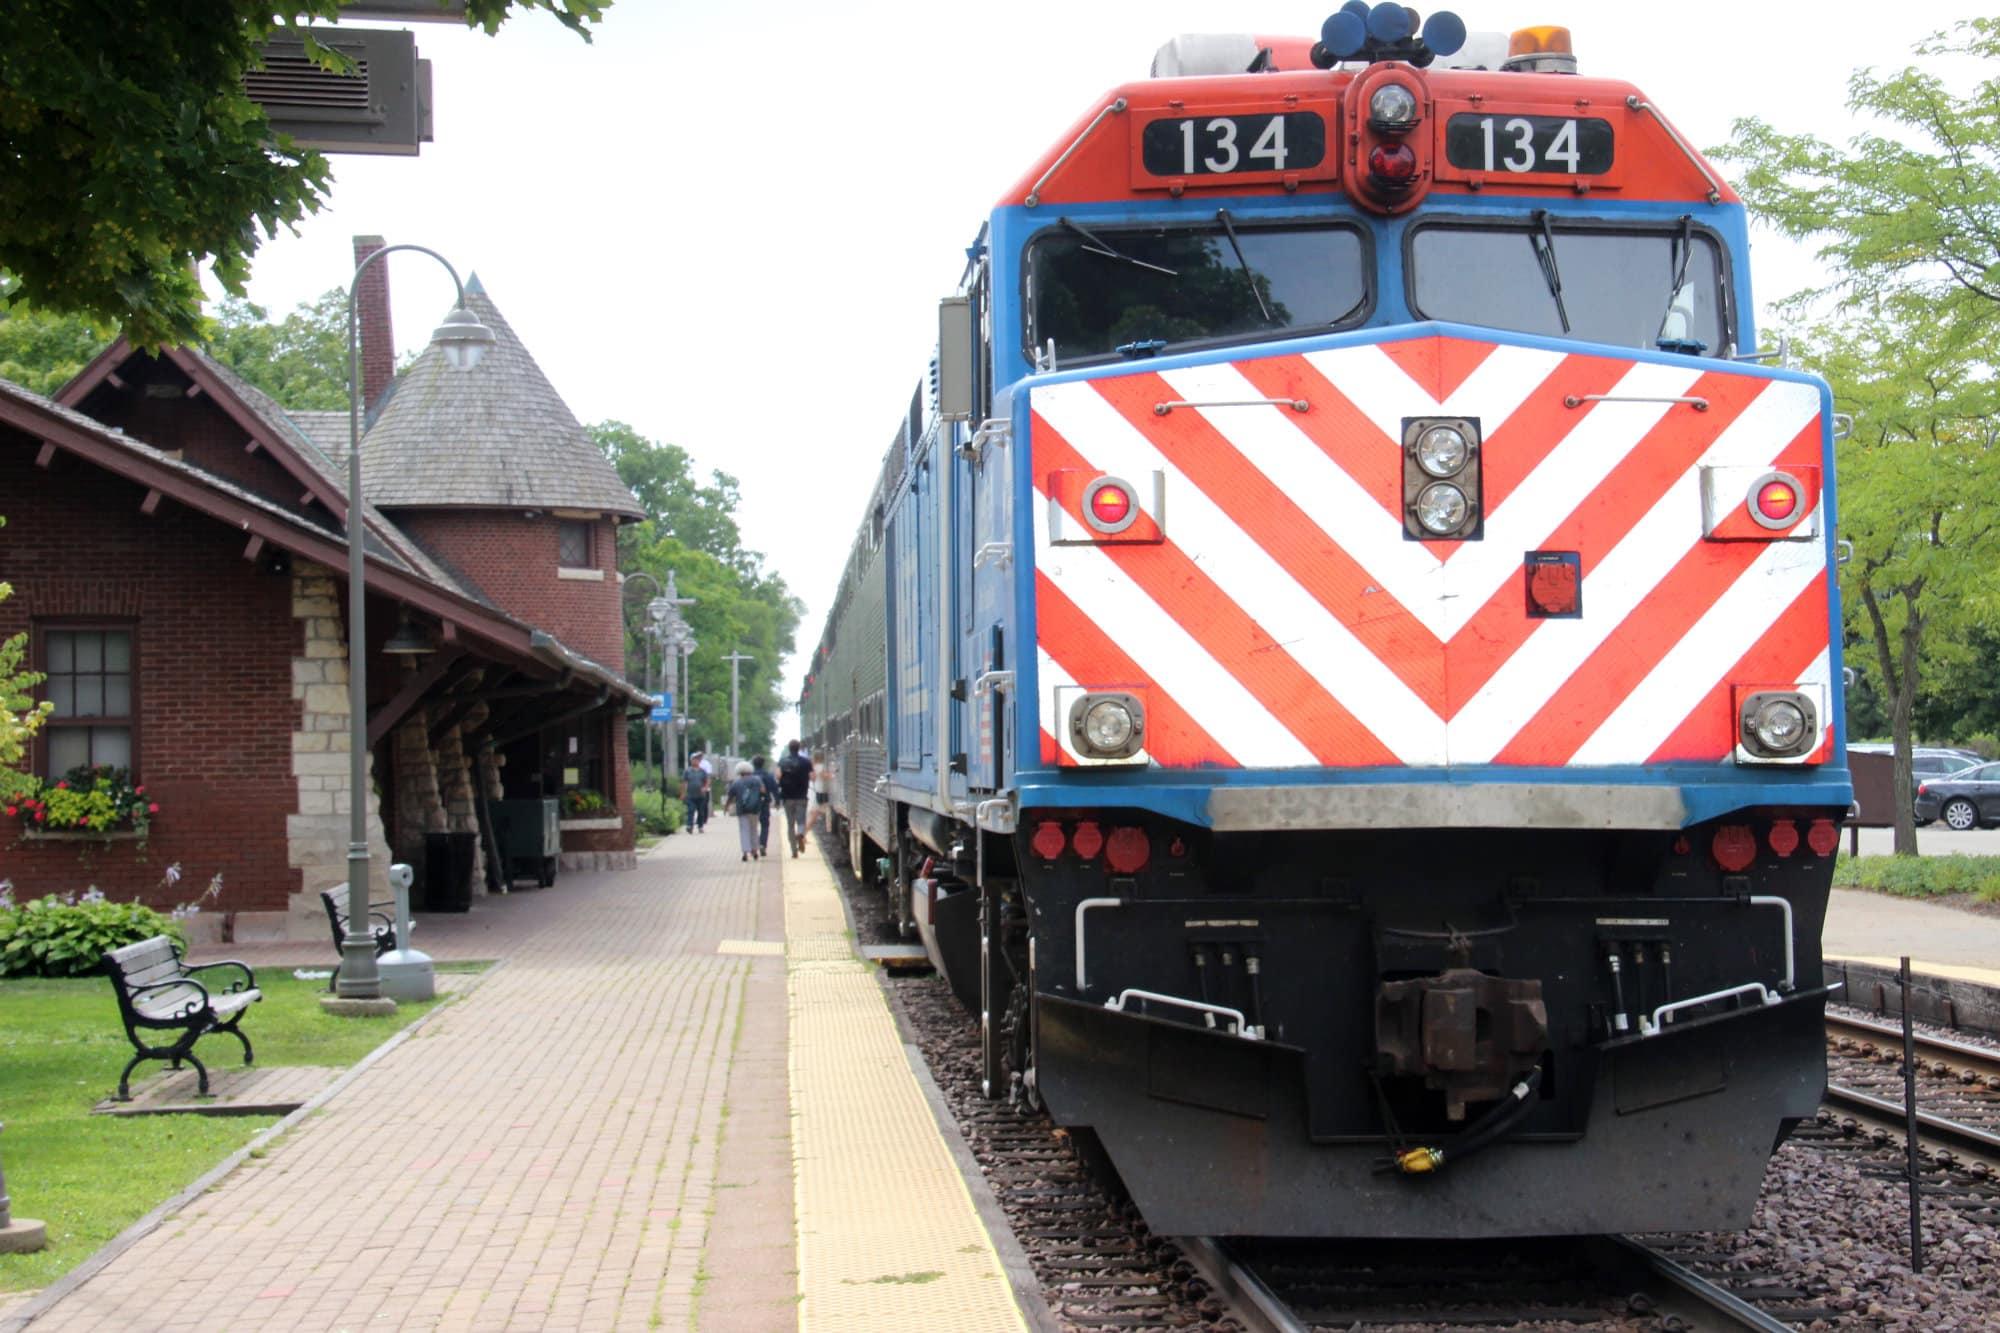 Glencoe Metra Station and Train